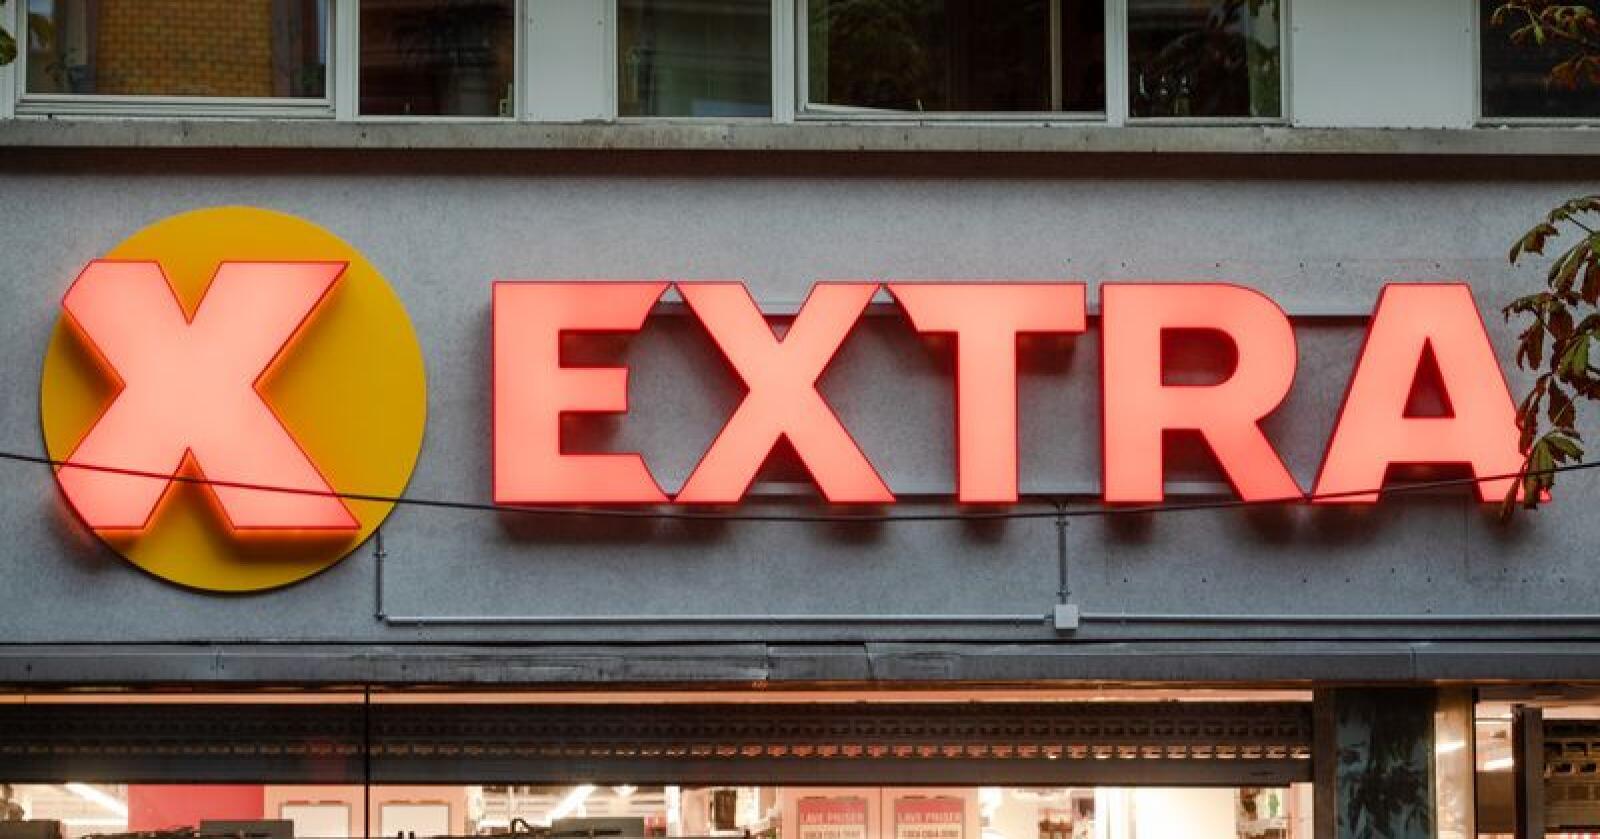 Coop Extra tar markedsandeler fra andre butikker og øker også salget av egne merkevarer. Foto: Audun Braastad / NTB scanpix